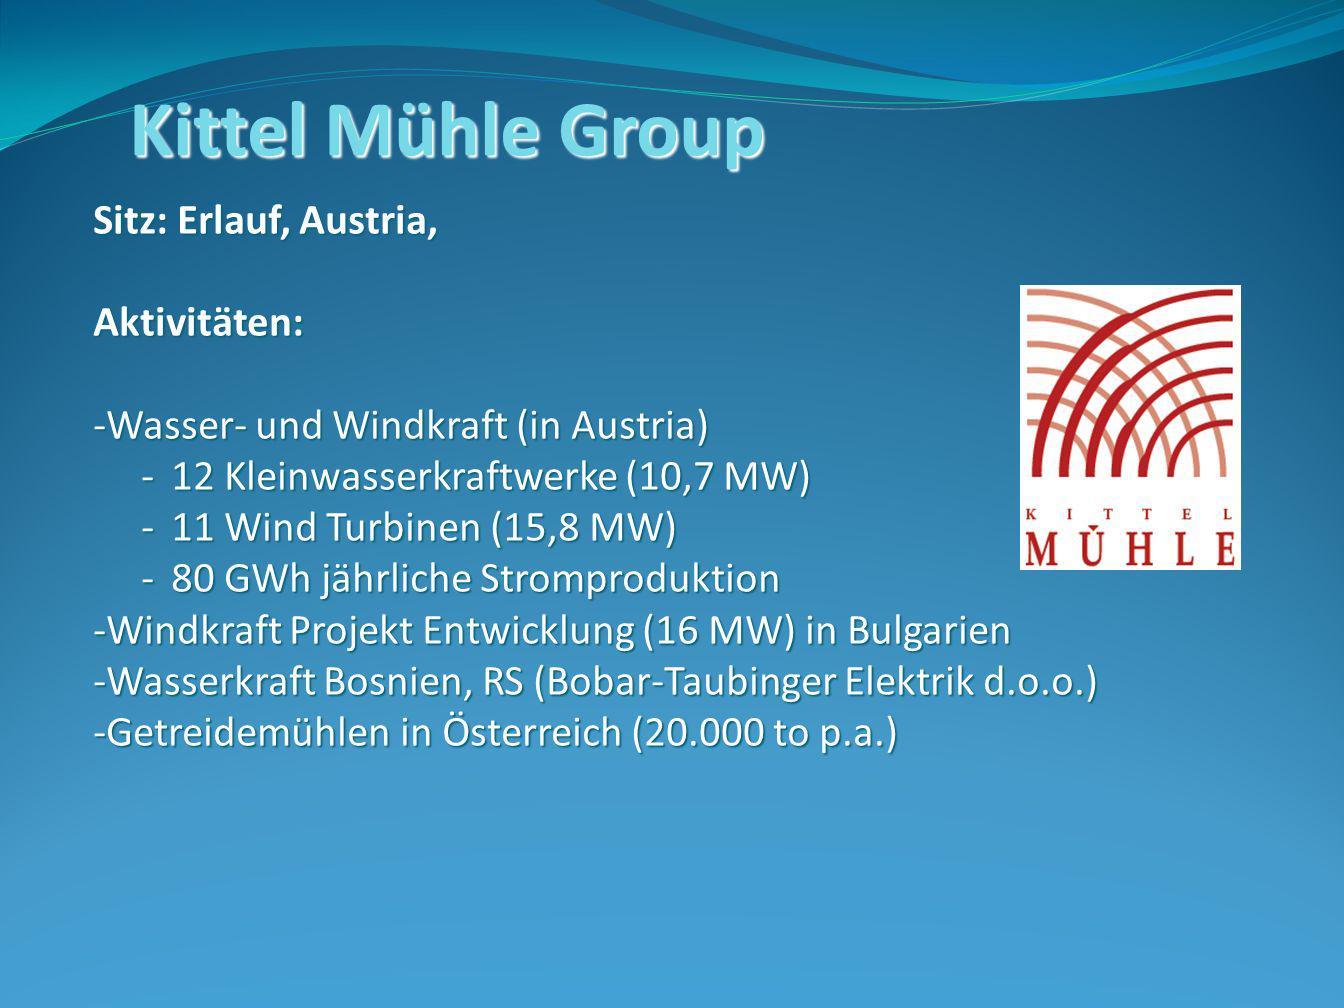 Kittel Mühle Group Sitz: Erlauf, Austria, Aktivitäten: